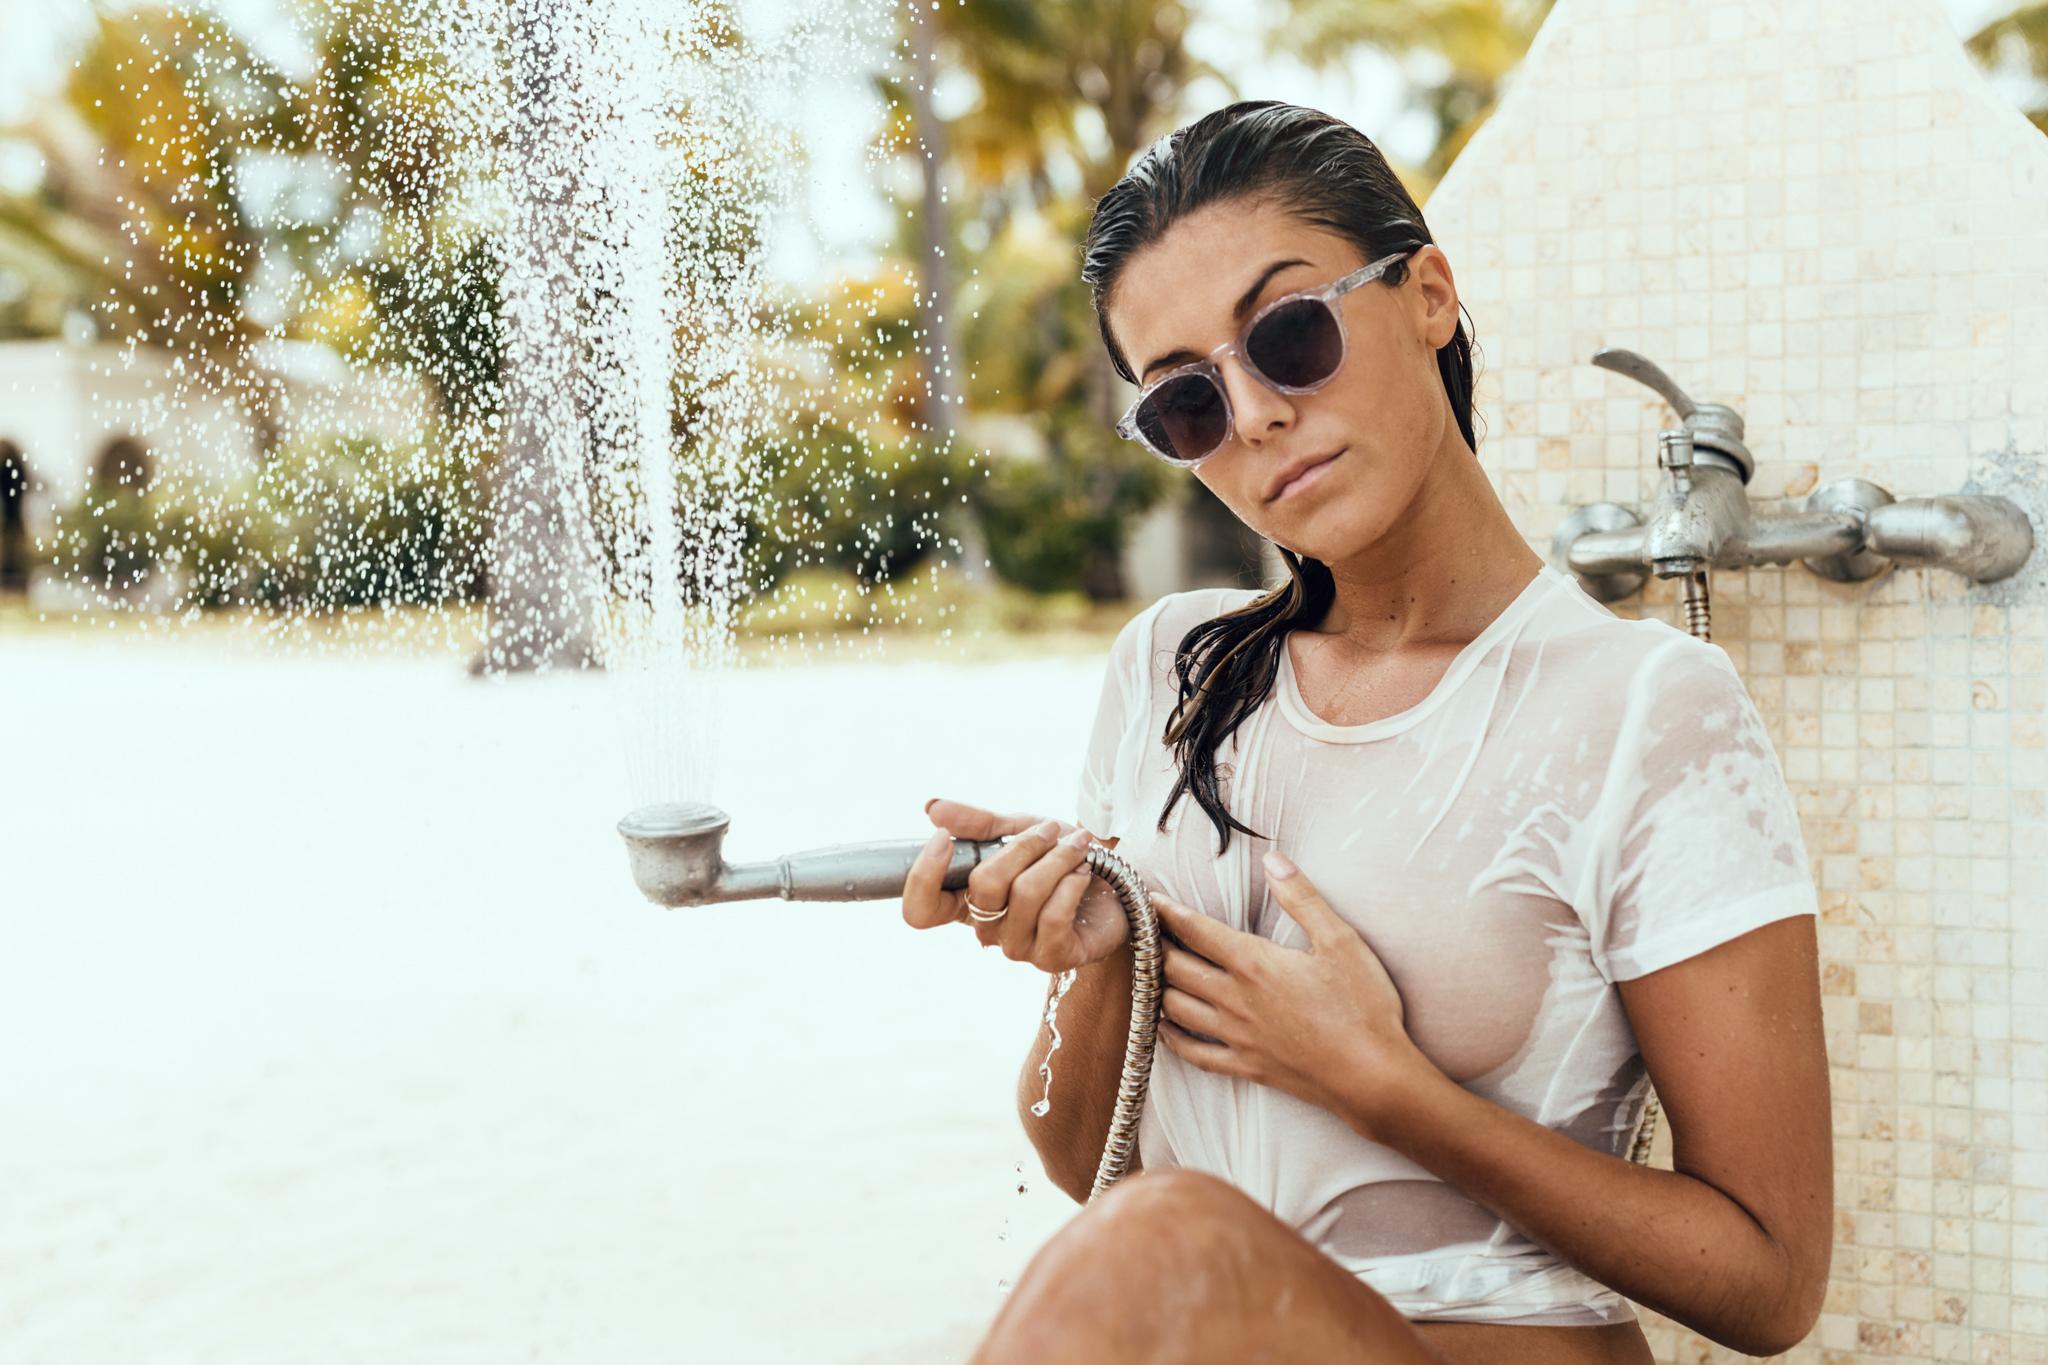 Chimi Eyewear x Bianca Ingrosso by Fabian Wester 10